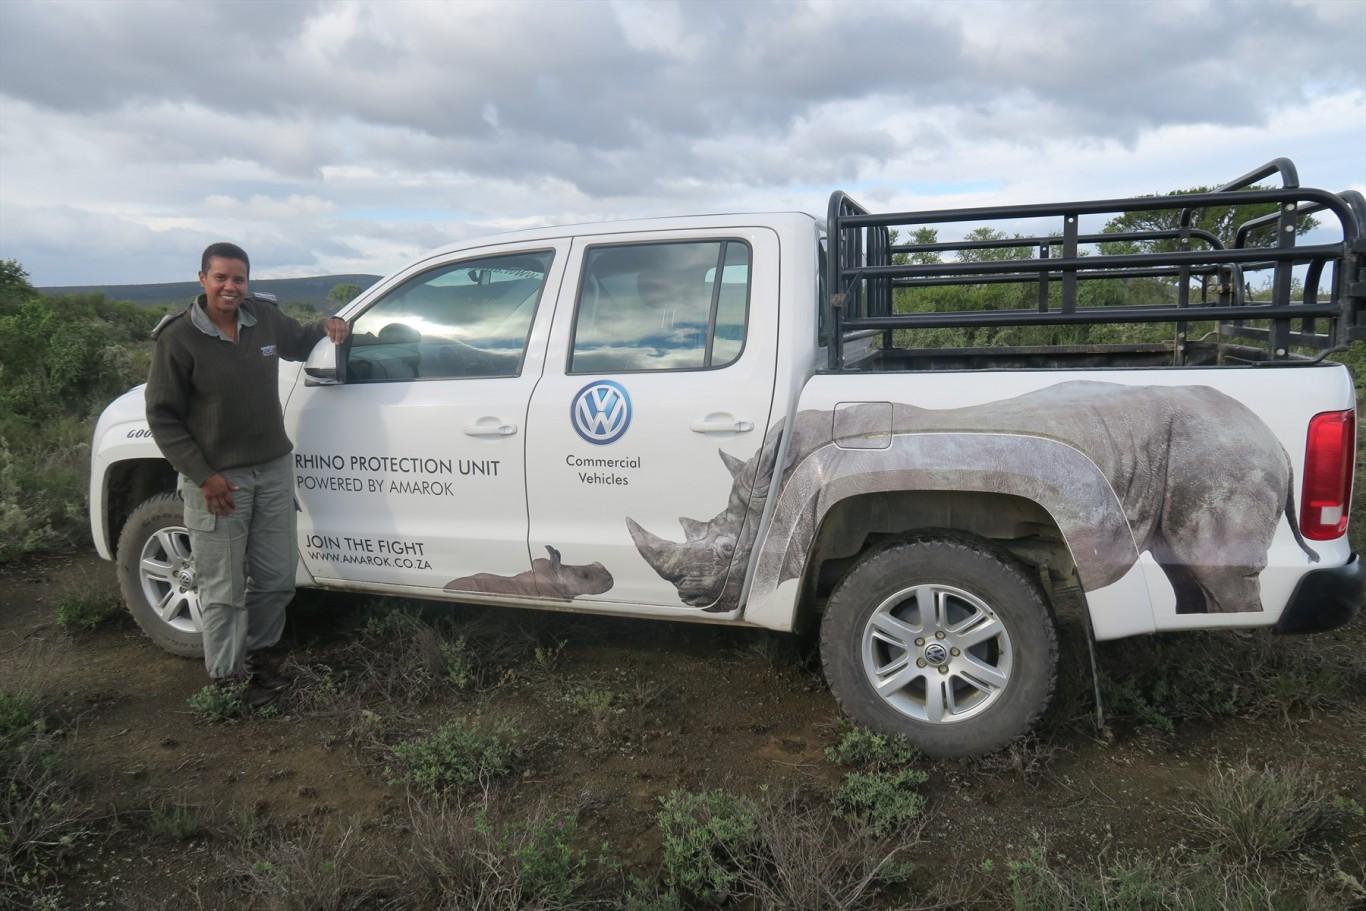 'Rhino Whisperer' receives a Forever Wild sponsored Amarok